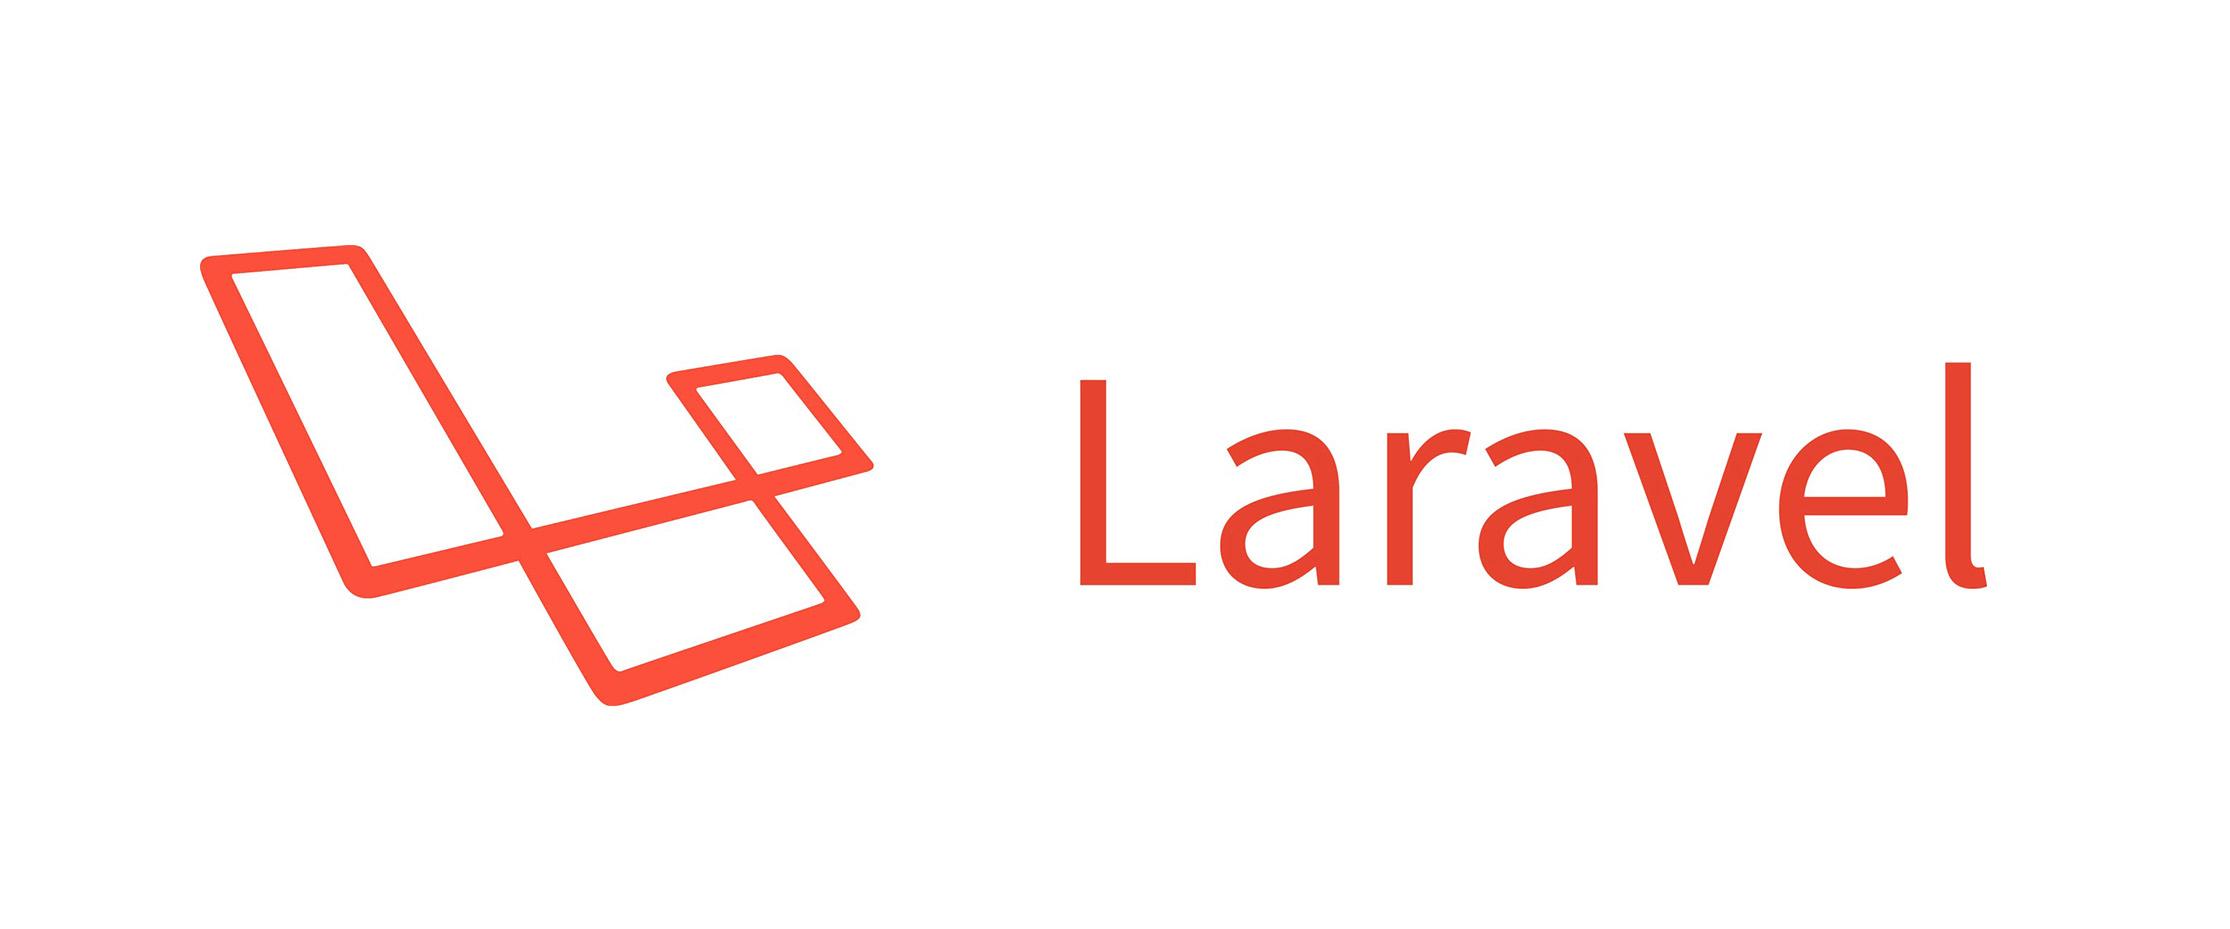 10 вопросов о laravel